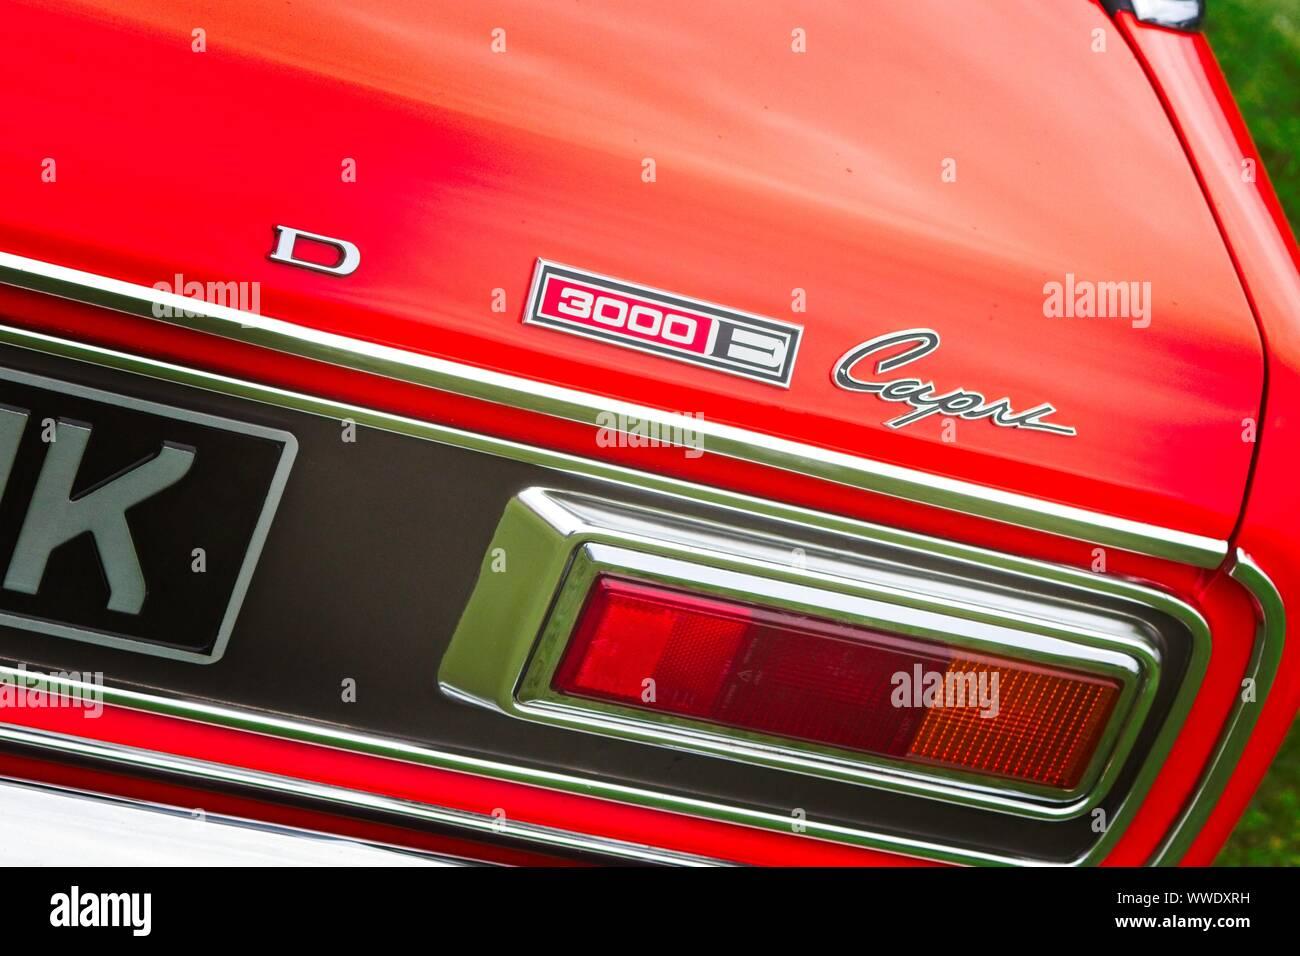 1970s Ford Capri Fotos E Imagenes De Stock Alamy